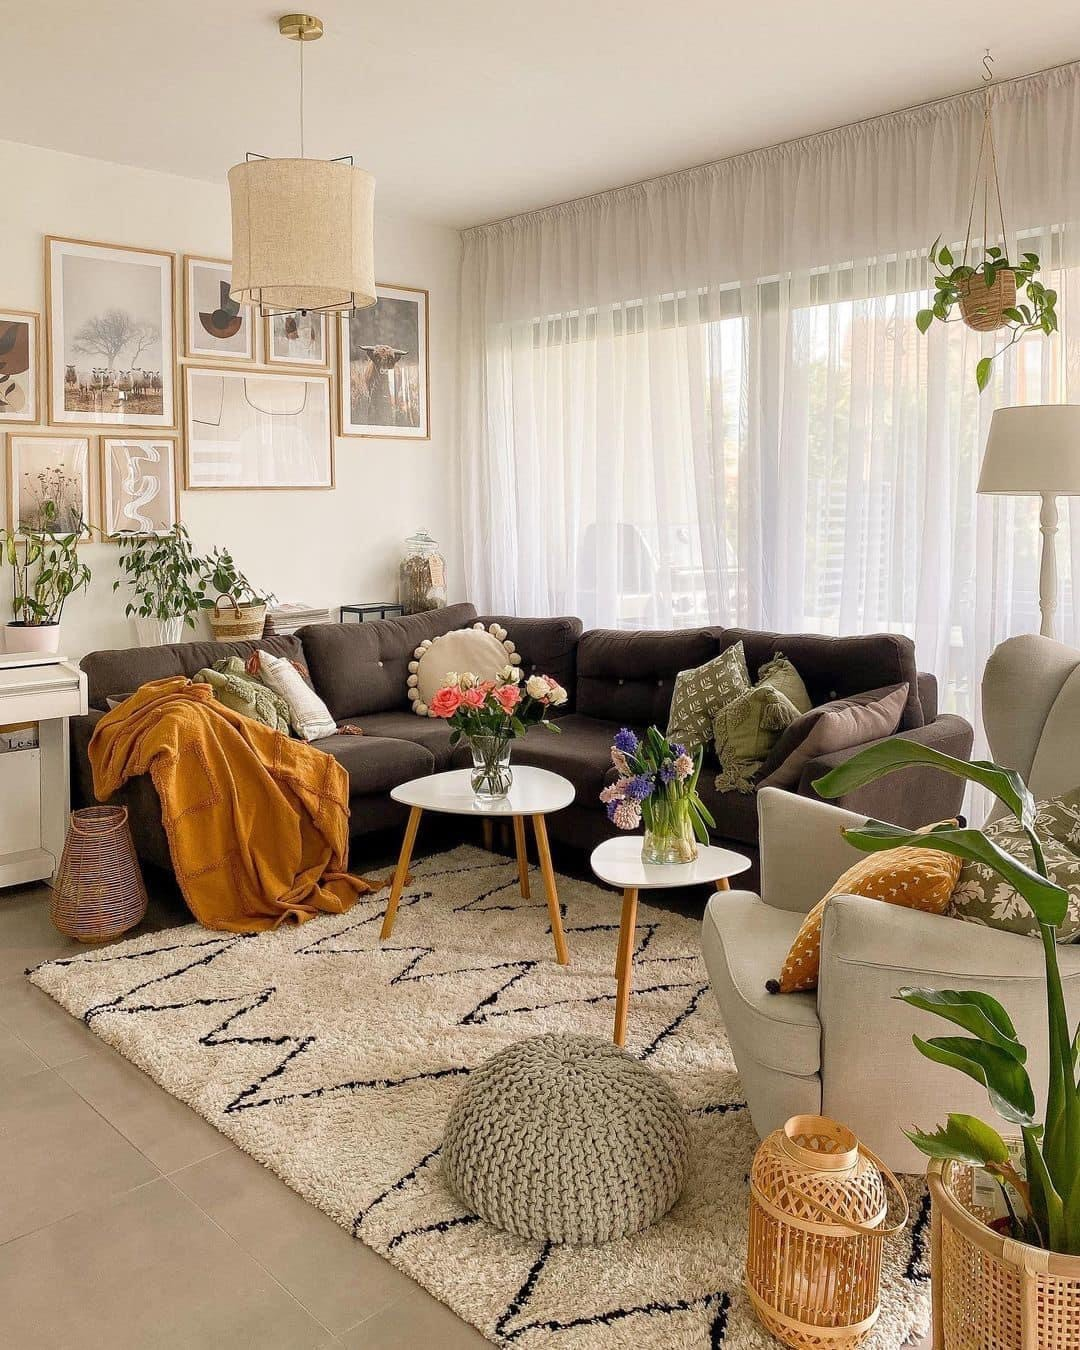 Interior designer in St. Louis MO